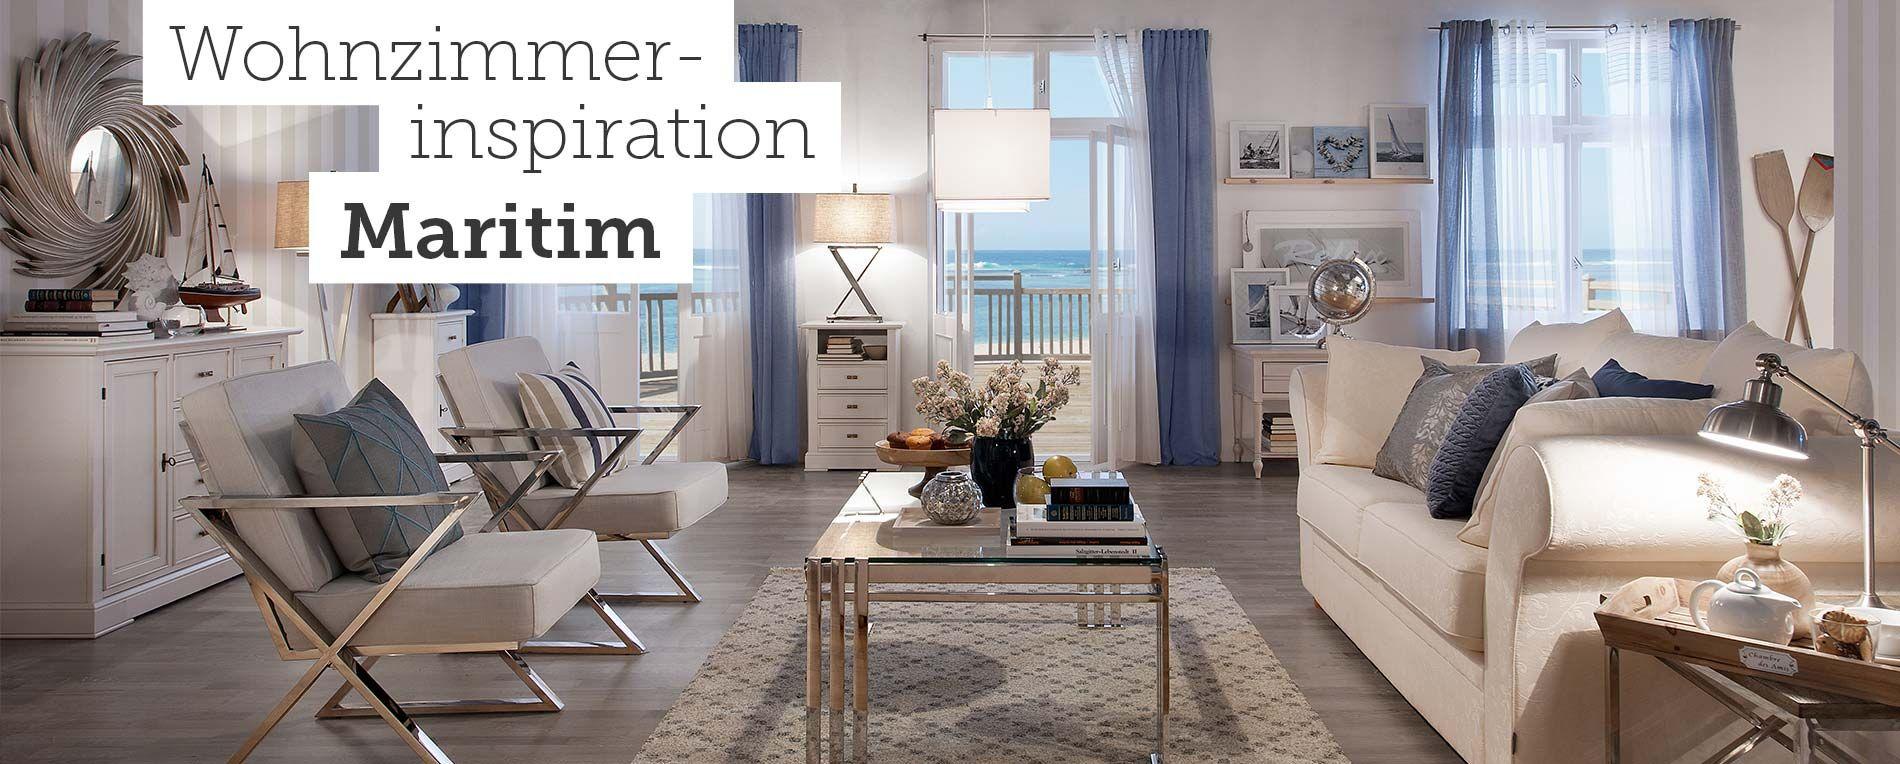 Wohnzimmer Ideen Wohnzimmermobel Bei Hoffner Unbedingt Kaufen